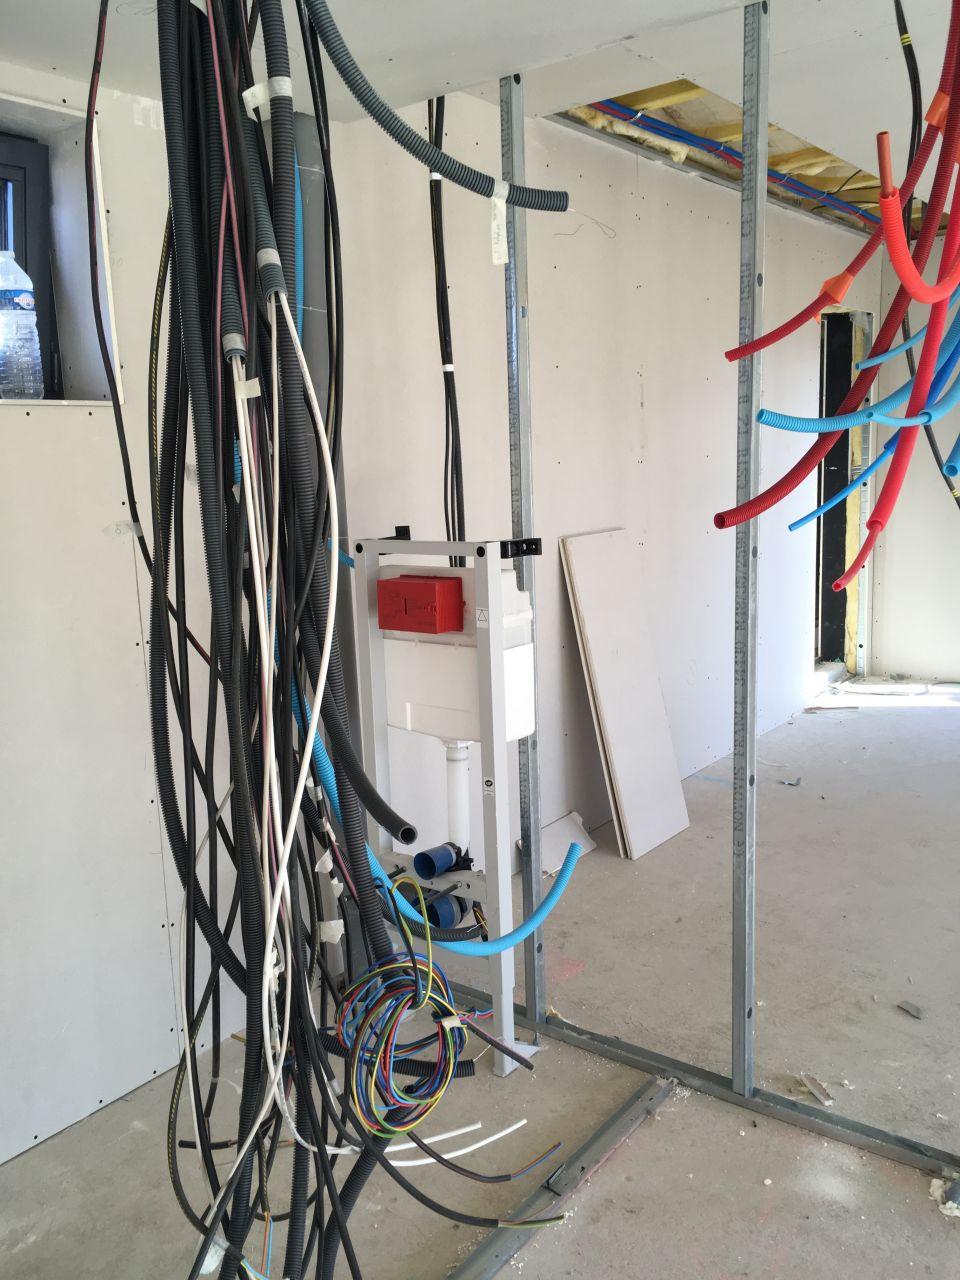 Passage des câbles et tuyau d'eau chaude et froide